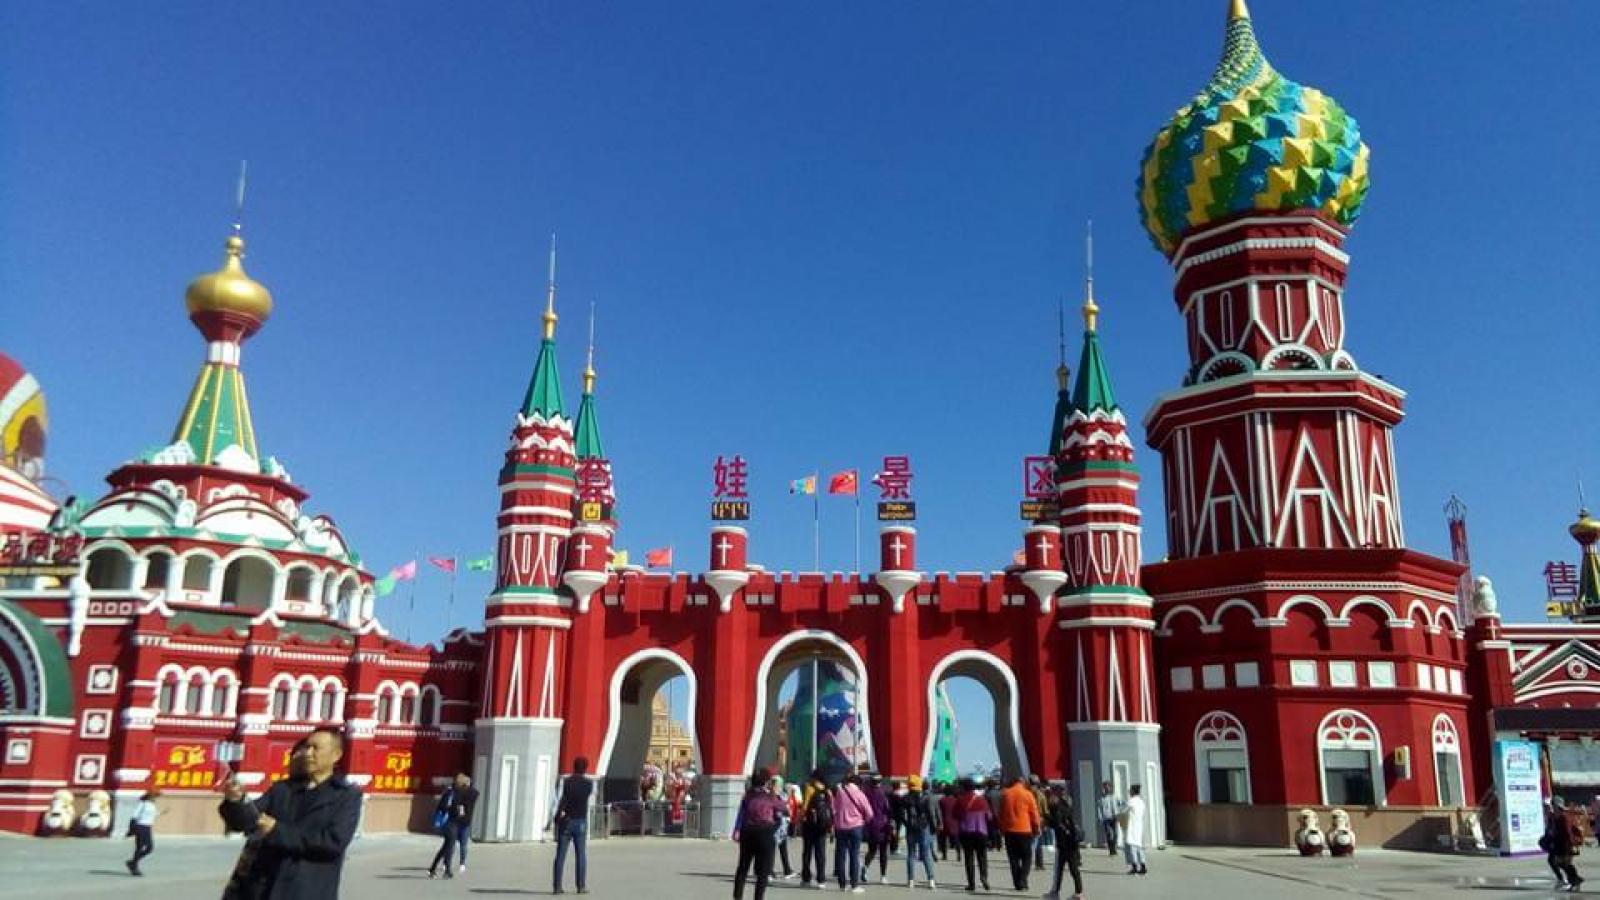 БНХАУ-ын Манжуур хотод Монгол Улсын Консулын газар нээх тухай УИХ-ын тогтоолын төслийг хэлэлцэхийг дэмжив